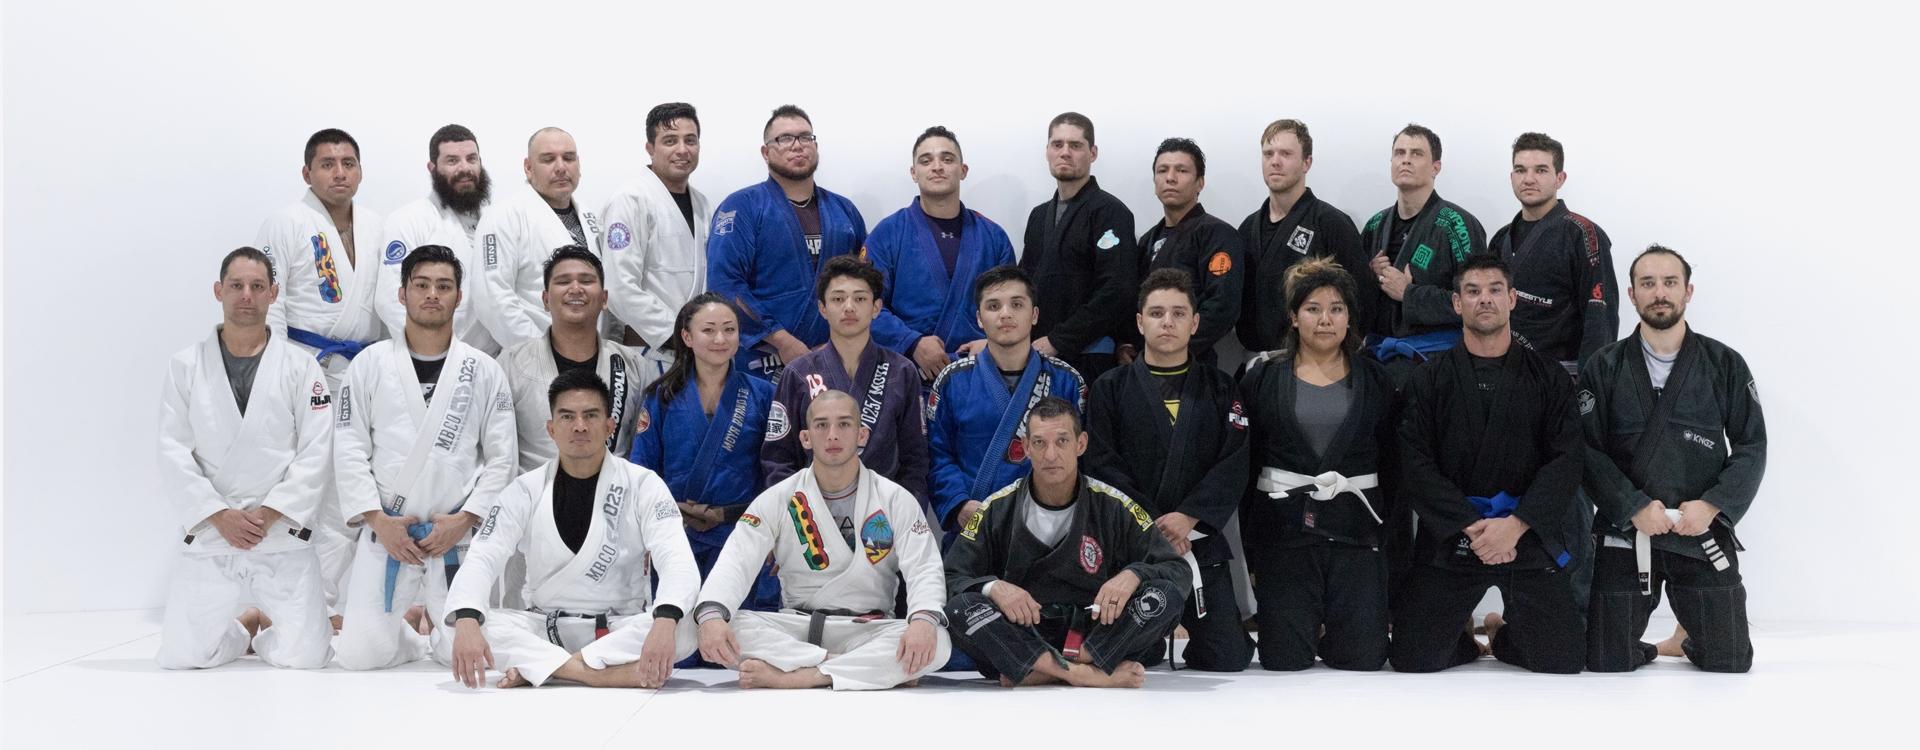 Roots Brazilian Jiu Jitsu And Fitness - Gilbert AZ Brazilian Jiu Jitsu